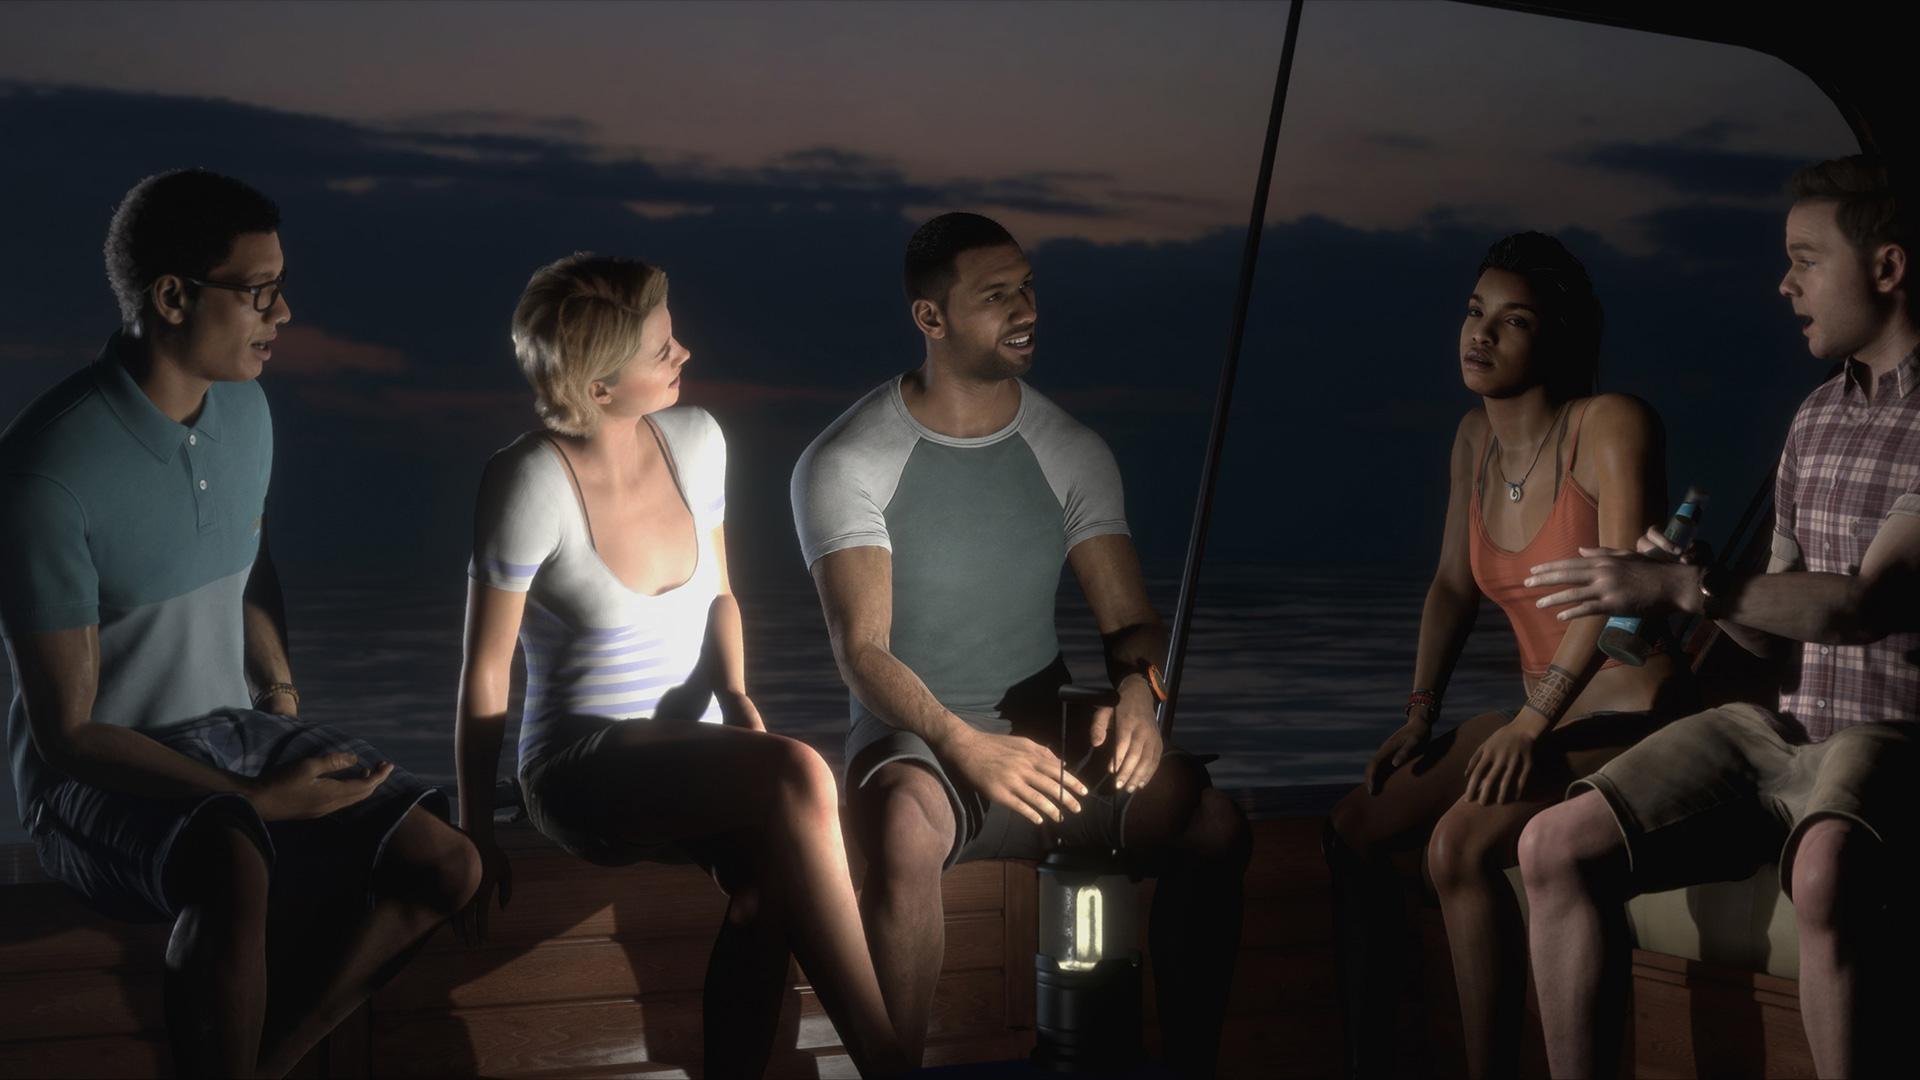 恐怖游戏《棉兰之人》今年夏季发售 鬼船探险太刺激